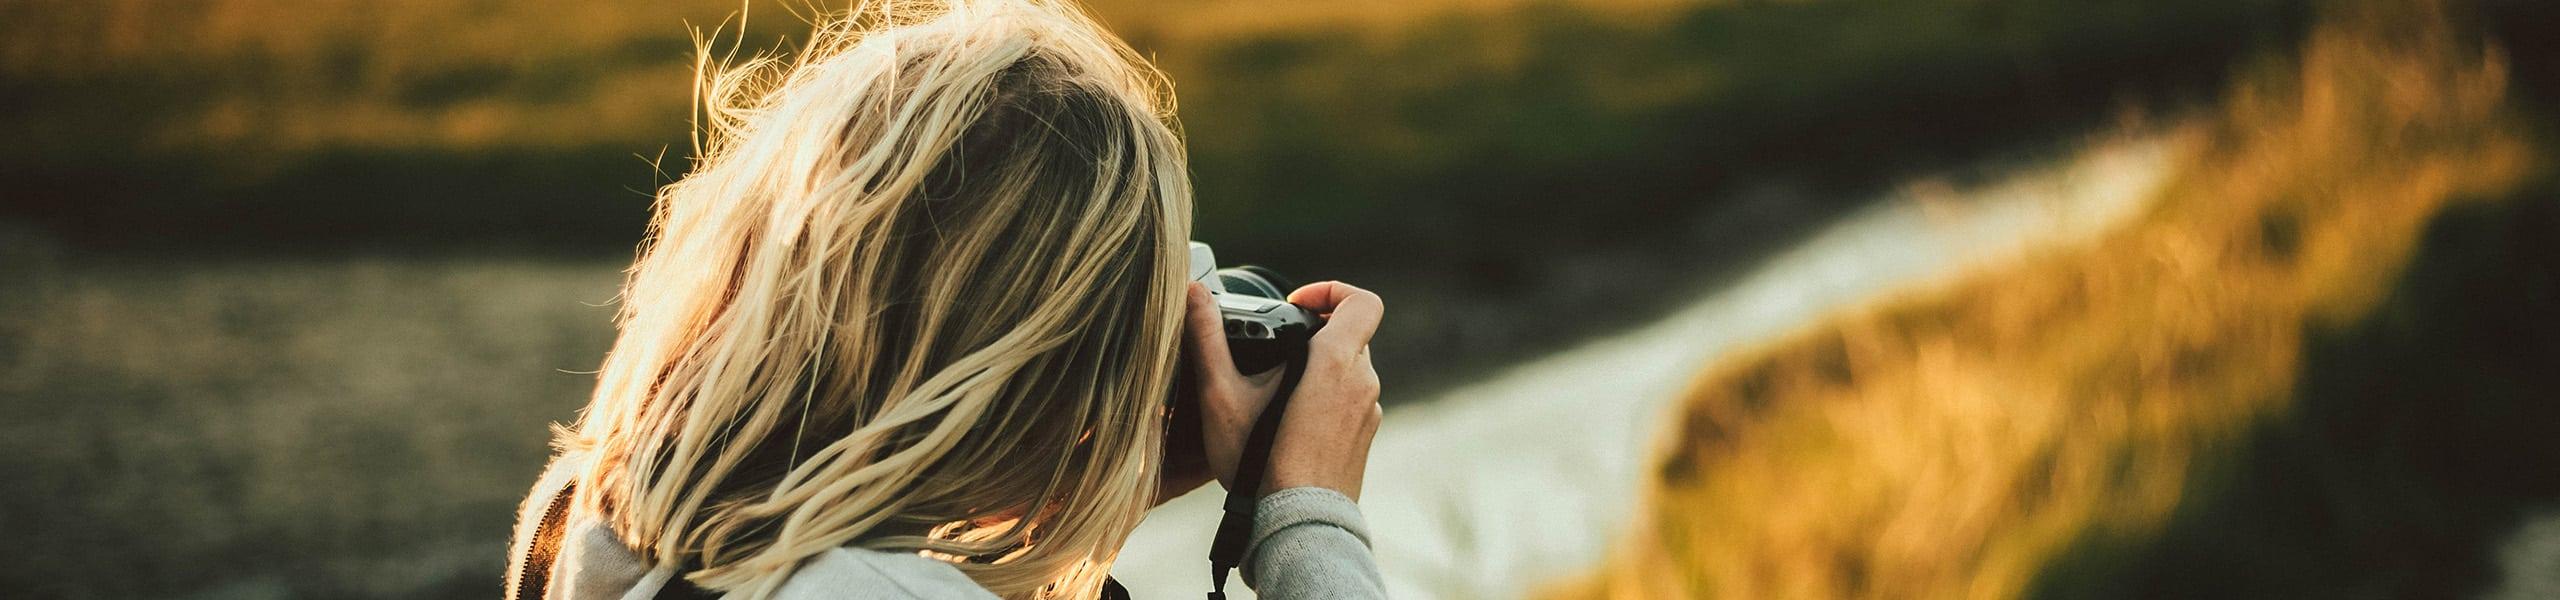 Frau fotografiert eine Landschaft